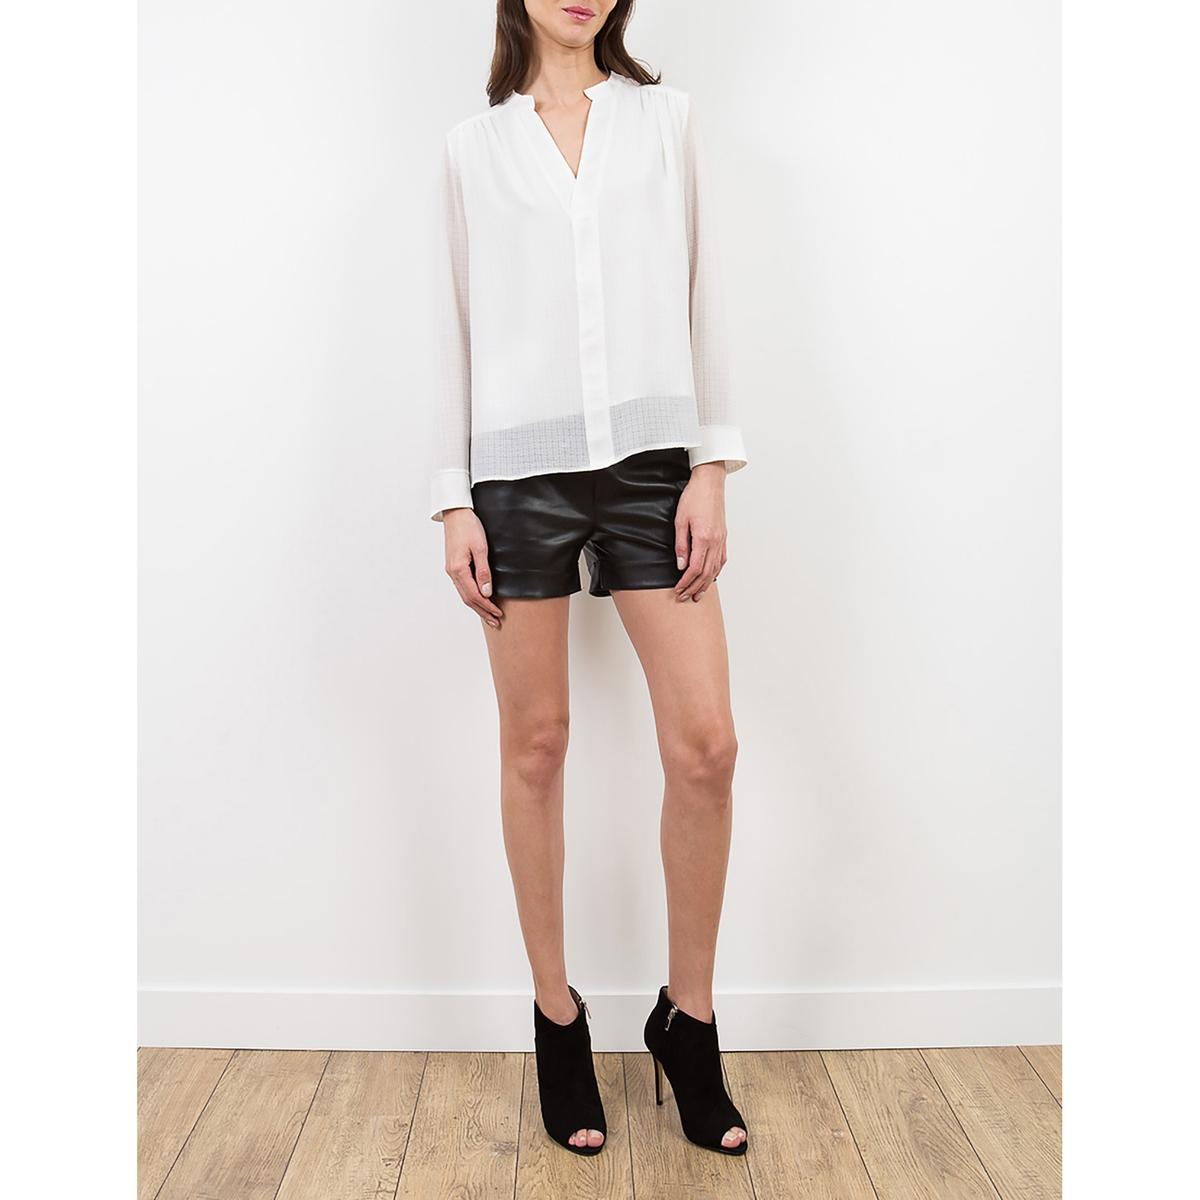 Блузка с длинными рукавами TASMANСостав и детали     материал: 98% полиэстера, 2% эластана     Марка     LENNY B.<br><br>Цвет: белый